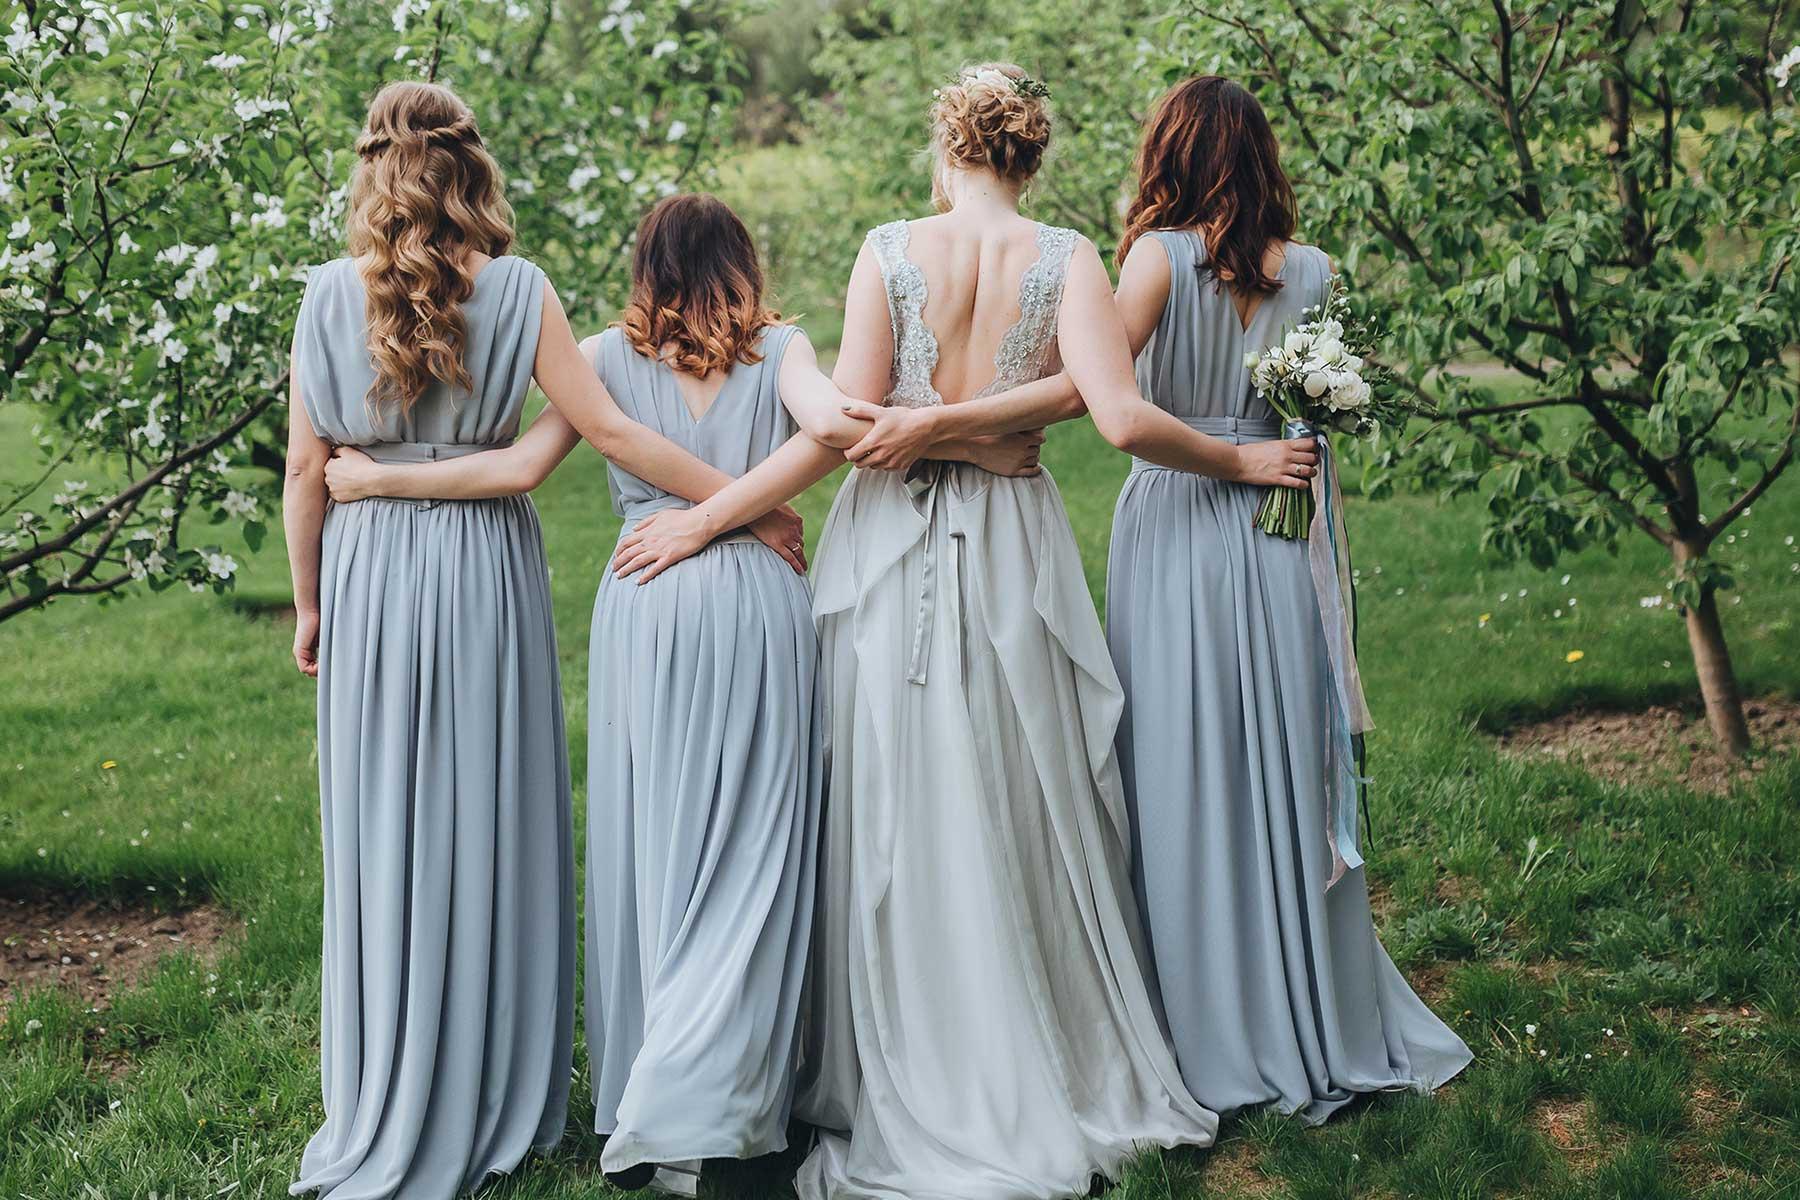 Brautmutterkleider: Das Perfekte Kleid Für Die Brautmutter